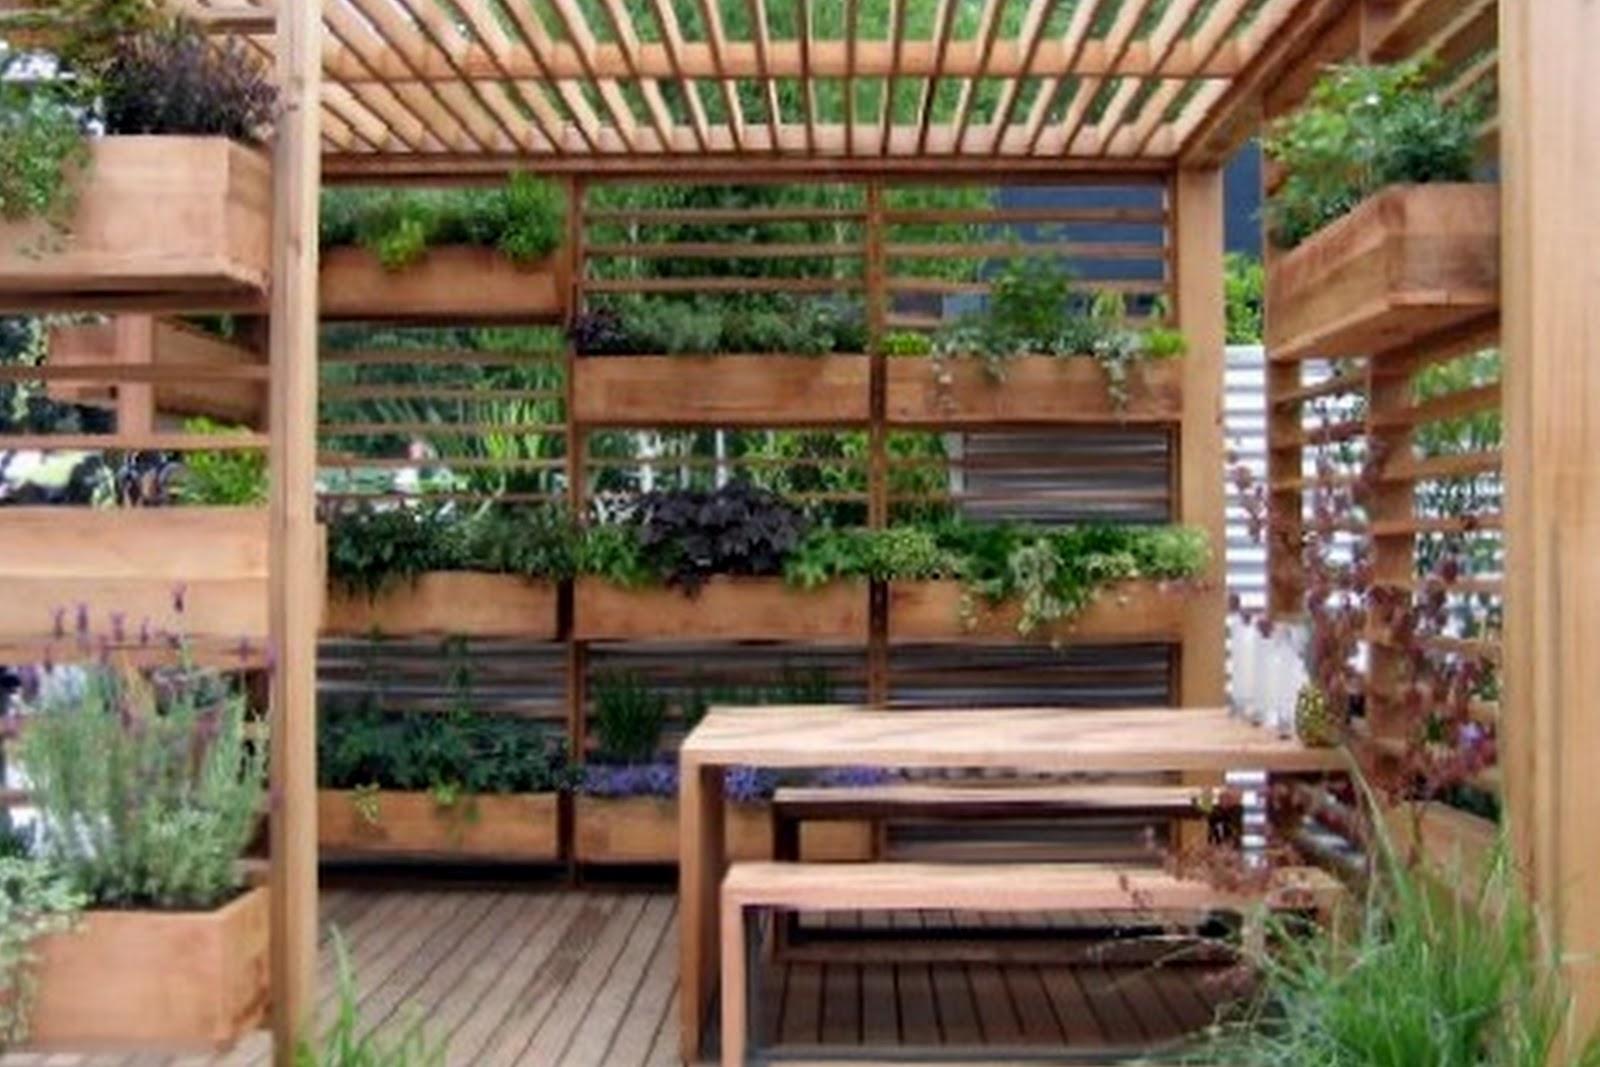 imagens jardim vertical:jardim-vertical-bonito